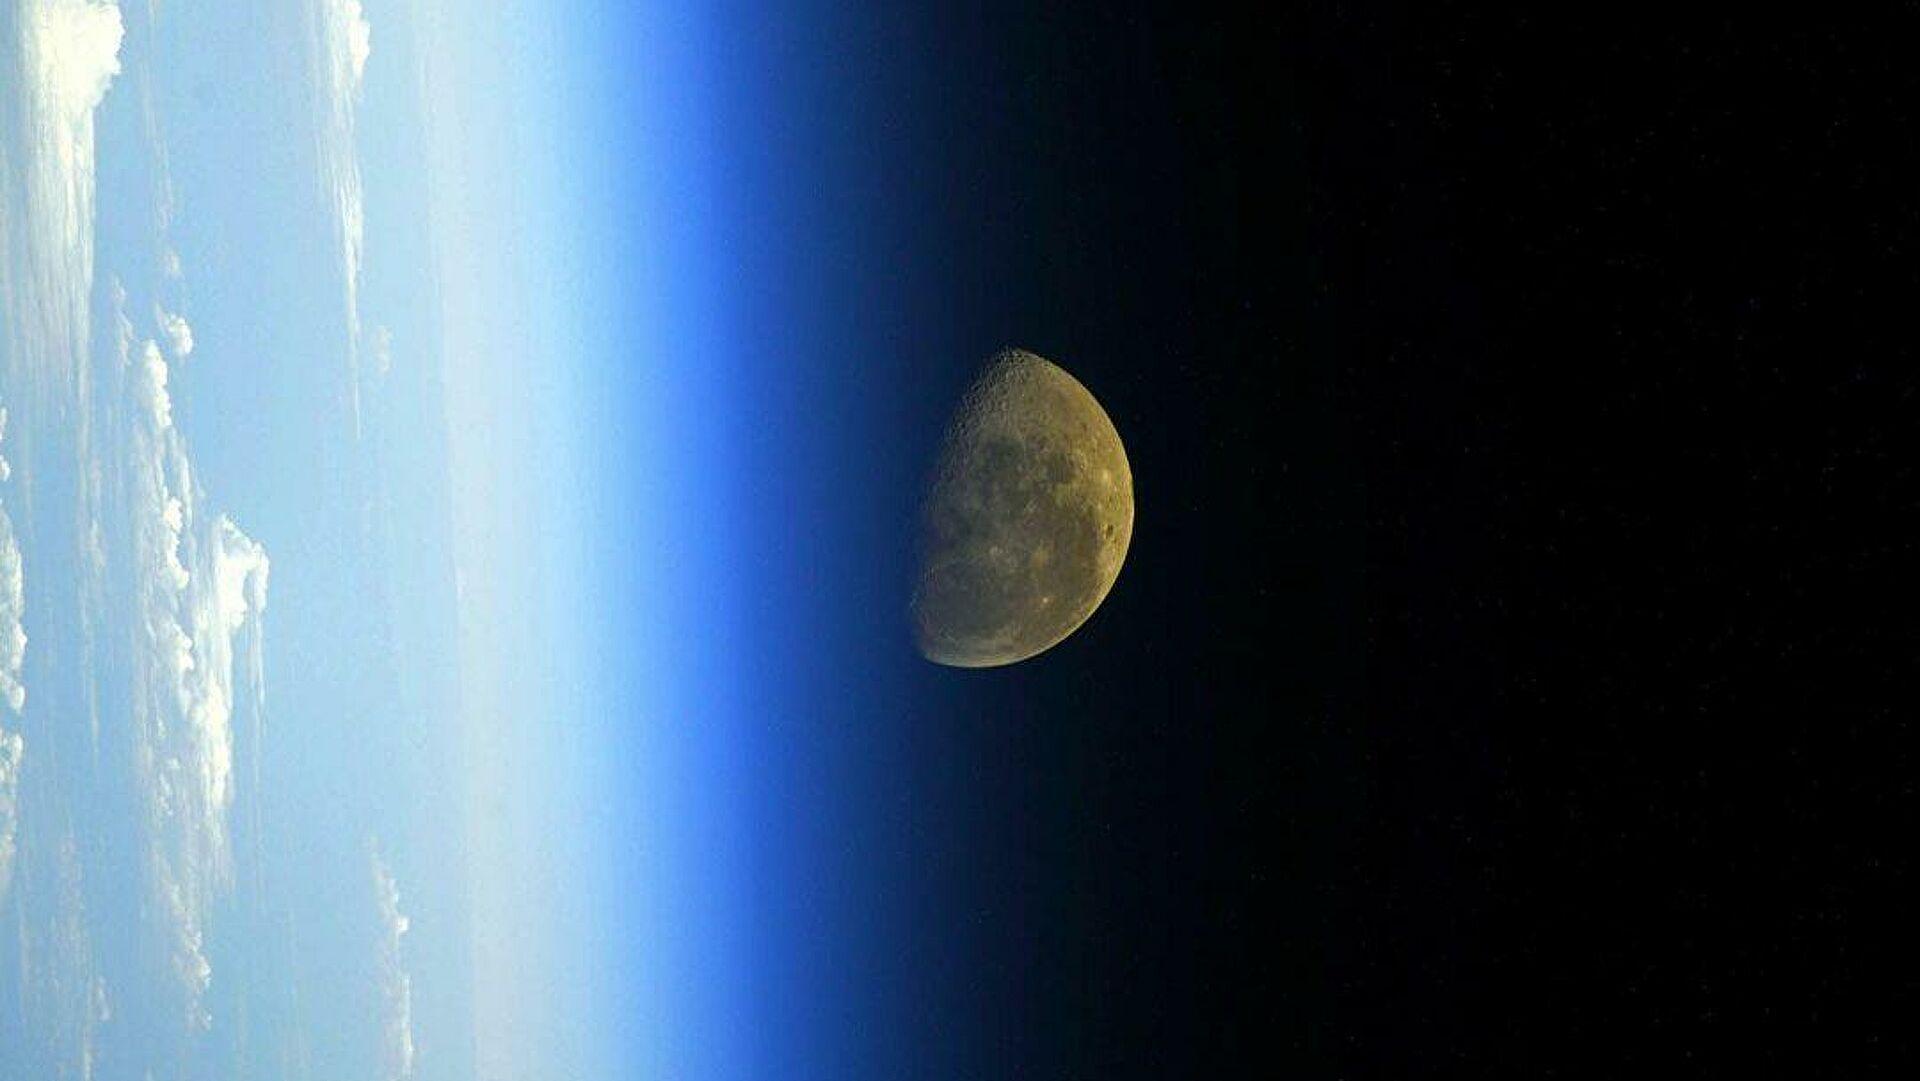 Rusija počela sa pripremama programa za sletanje čoveka na Mesec